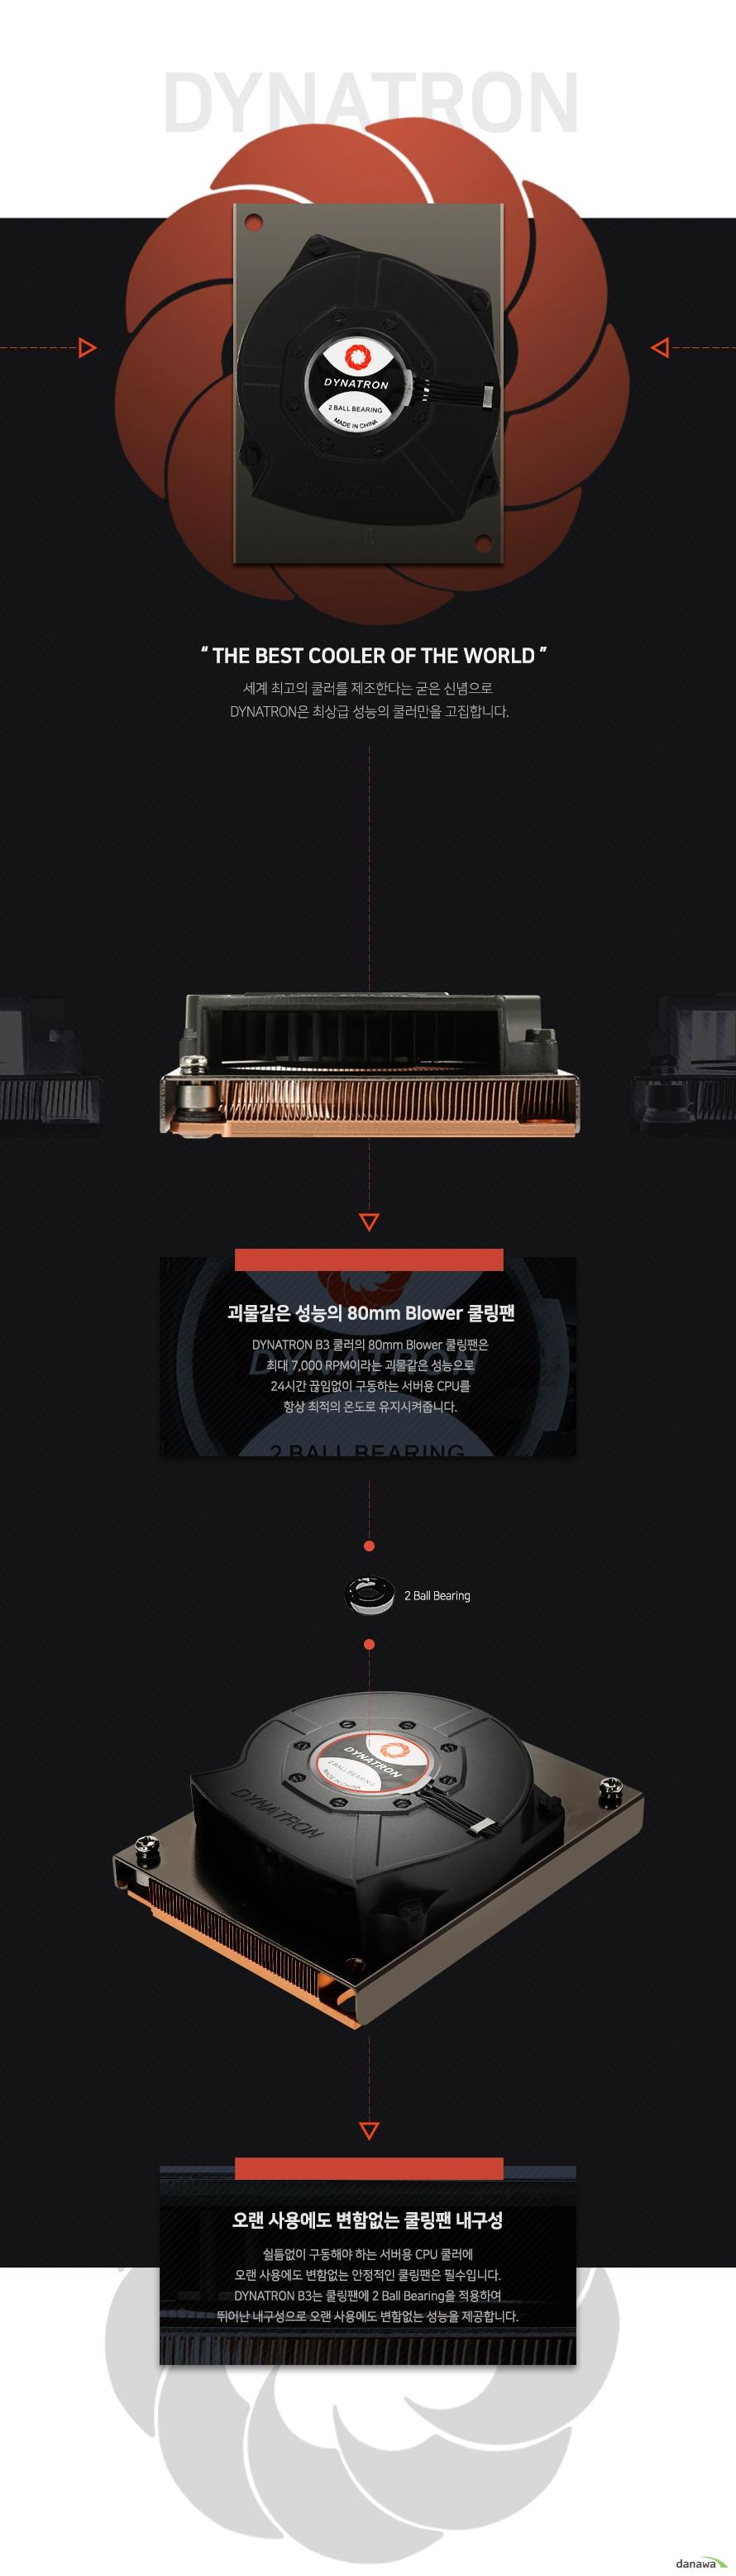 빈틈없는 쿨링 구리 히트베이스      빈틈없는 쿨링을 위한 구리 히트베이스는 구리 재질의 뛰어난 열 전도 특성과   완벽한 CPU 밀착 설계로 뜨거운 서버용 CPU 발열을 놀라울 정도로 탁월하게 해소합니다.         완벽한 쿨링을 위한 구리 히트싱크 적용    완벽한 쿨링을 위해 구리 베이스에 추가적으로 발열 해소를 위한     알루미늄 히트싱크를 적용하였습니다. 구리 히트베이스로 부족한 쿨링 성능을 완벽하게    보완하여 끊임없이 가동되는 서버 pc를 항상 최적의 성능으로 유지합니다.    본 제품은 전용 브라켓이 포함되어 있습니다.        DYNATRON B3    SPECIFICATION        CPU SUPPORT    INTEL RECOMMAND FOR INTEL XEON PLATINUM AND GOLD FAMILY PROCESSOR            CPU SOCKET     FCLGA3647 NARROW TYPE        SOLUTION    1U SERVER AND UP        DIMENSIONS     107 80.5 28MM        WEIGHT 460G        MATERIAL     COOPER SKIVING HEATSINK        FAN DIMENSION    80 80 15MM        FAN SPEED        AT DUTY CYCLE 20% 1000 +- 200 RPM    AT DUTY CYCLE 50% 4000 +- 10% RPM    AT DUTY CYCLE 100% 7000 +- 10% RPM        BEARING TYPE    2 BALL BEARING        RATED VOLTAGE    12V        INPUT POWER        AT DUTY CYCLE 20% 0.6 WATTS    AT DUTY CYCLE 50% 3.84 WATTS    AT DUTY CYCLE 100% 19.2 WATTS        AIR FLOW        AT DUTY CYCLE 20% 3 CFM    AT DUTY CYCLE 50% 12 CFM    AT DUTY CYCLE 100% 21 CFM        NOISE LEVEL         AT DUTY CYCLE 20% 16 DBA    AT DUTY CYCLE 50% 44.9 DBA    AT DUTY CYCLE 100% 57.1 DBA        AIR PRESSURE        AT DUTY CYCLE 20% 1.5MM H2O    AT DUTY CYCLE 50% 23.2MM H2O    AT DUTY CYCLE 100% 70.9MM H2O        THERMAL GREASE    SHIN ETSU 7762 PRE PRINTED        WARRANTY    1 YEAR WARRANTY